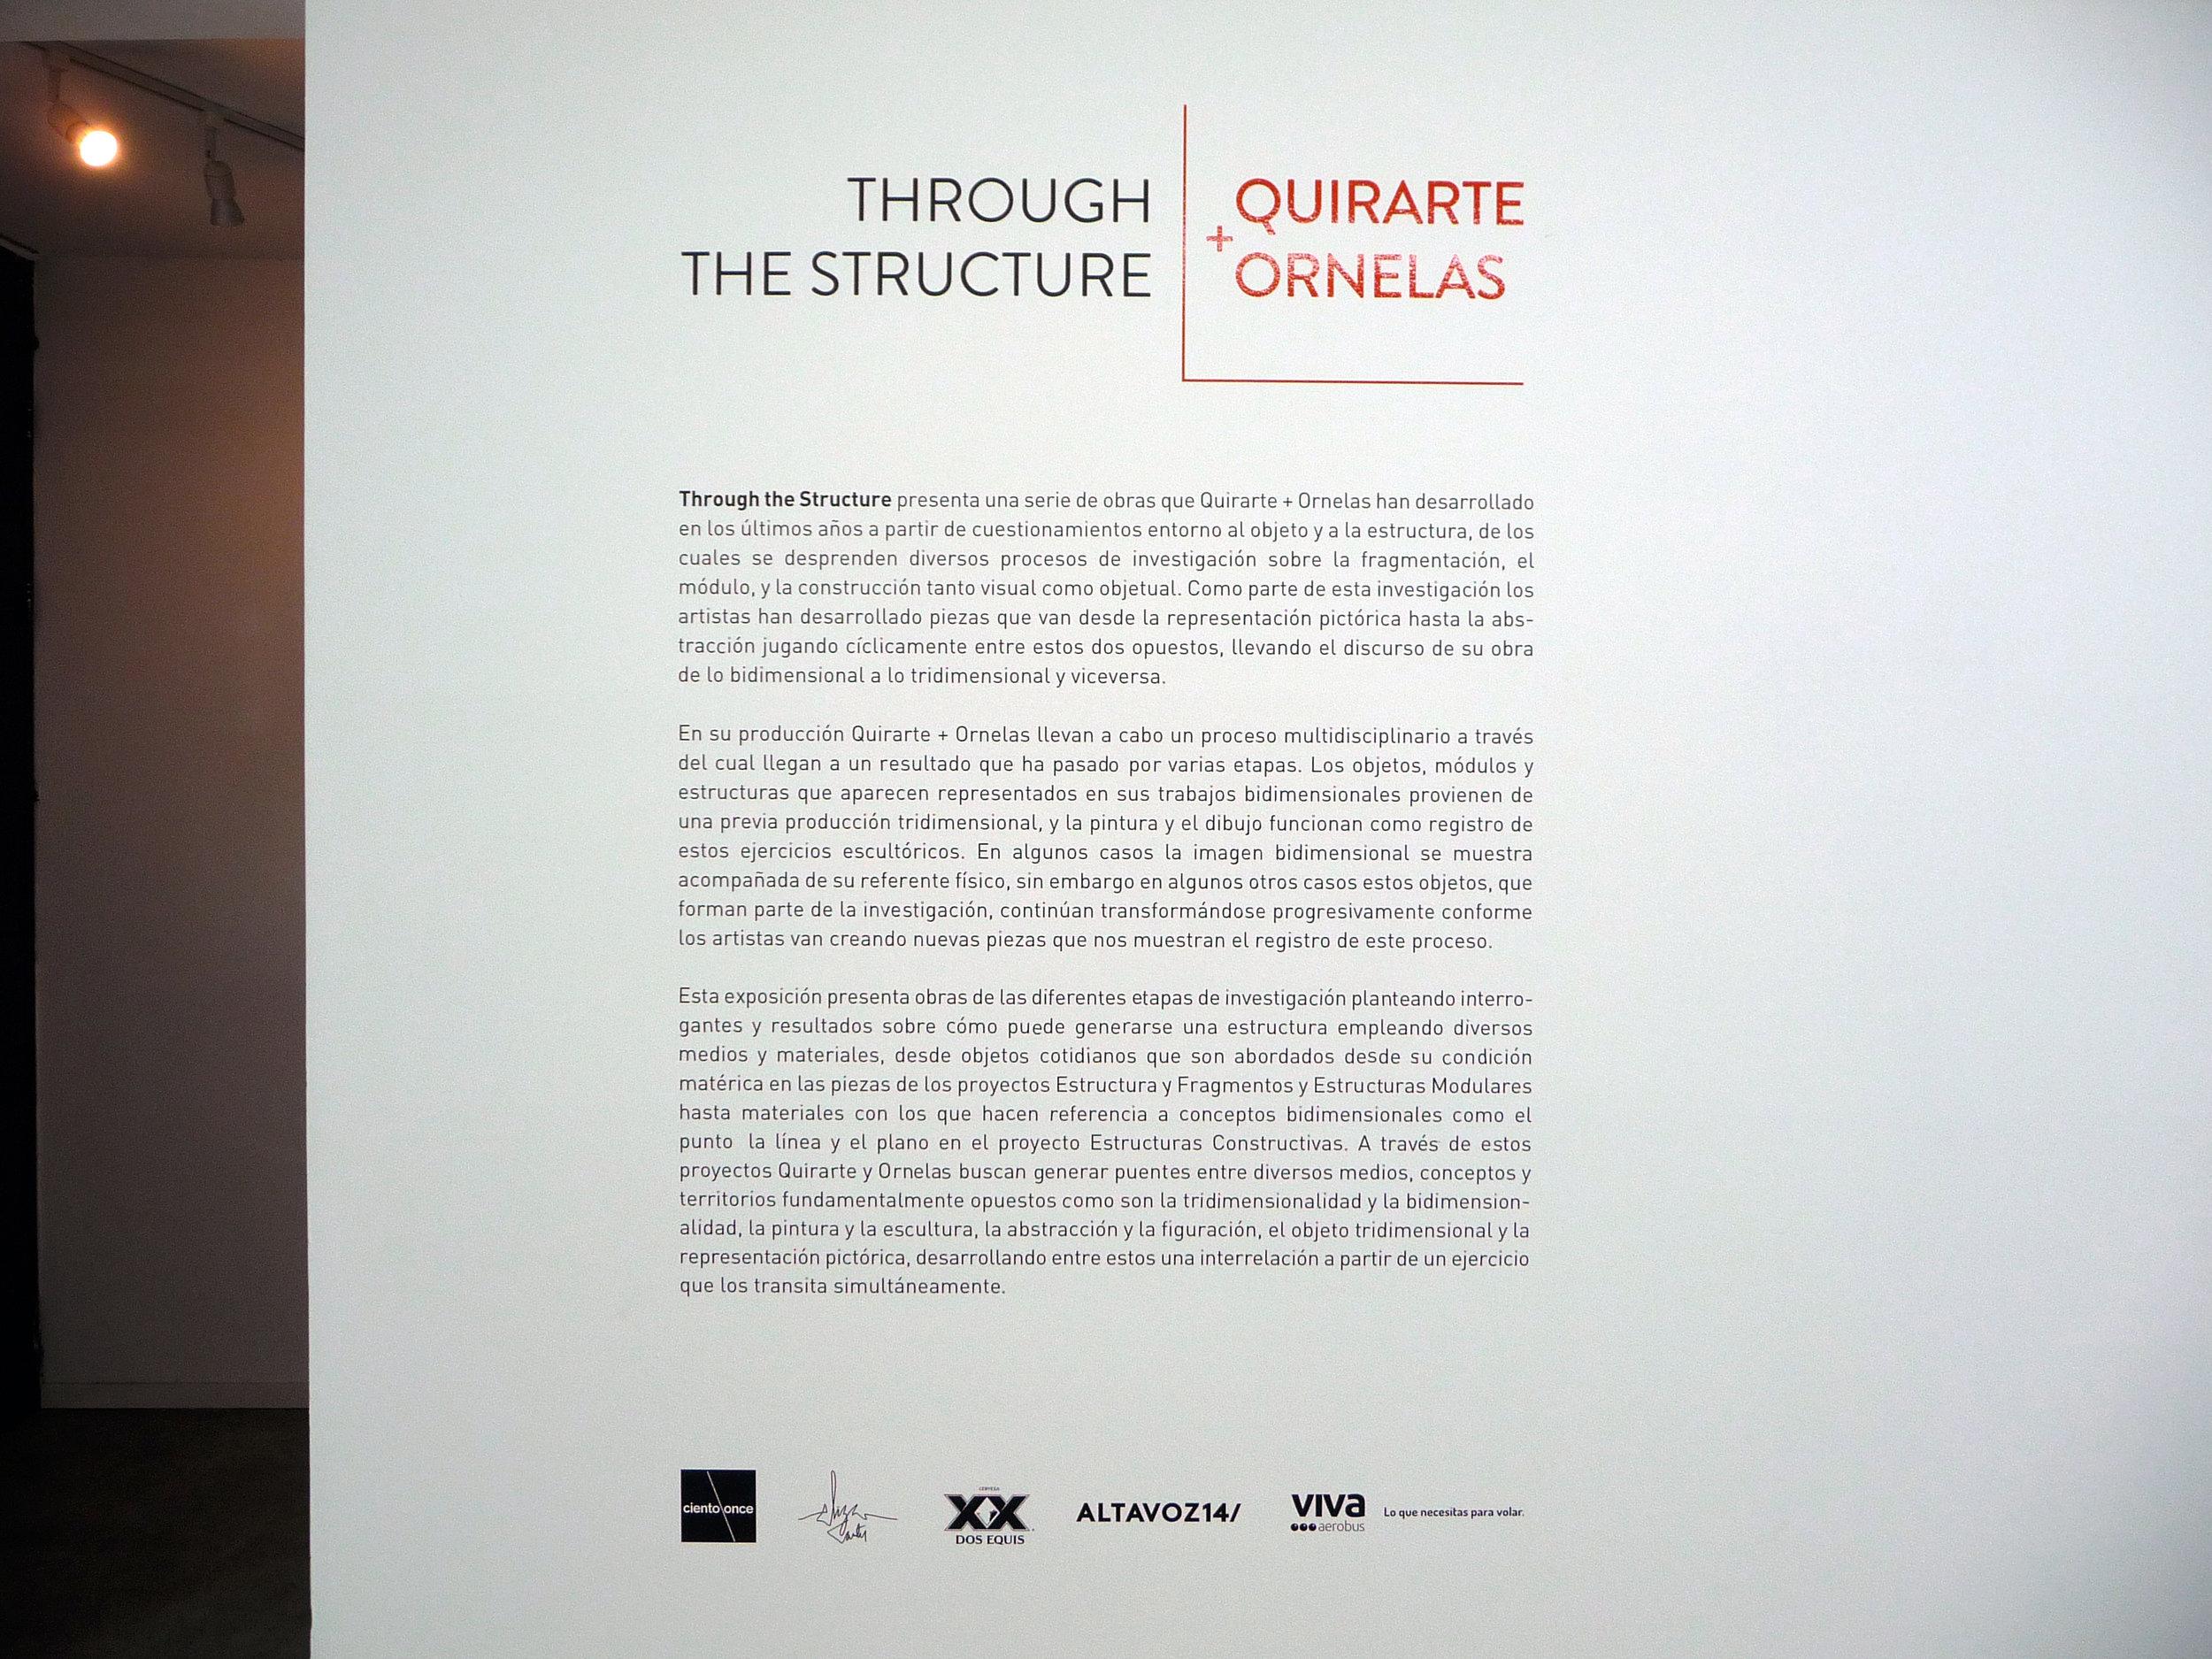 004_Q+O_Through the Structure.JPG